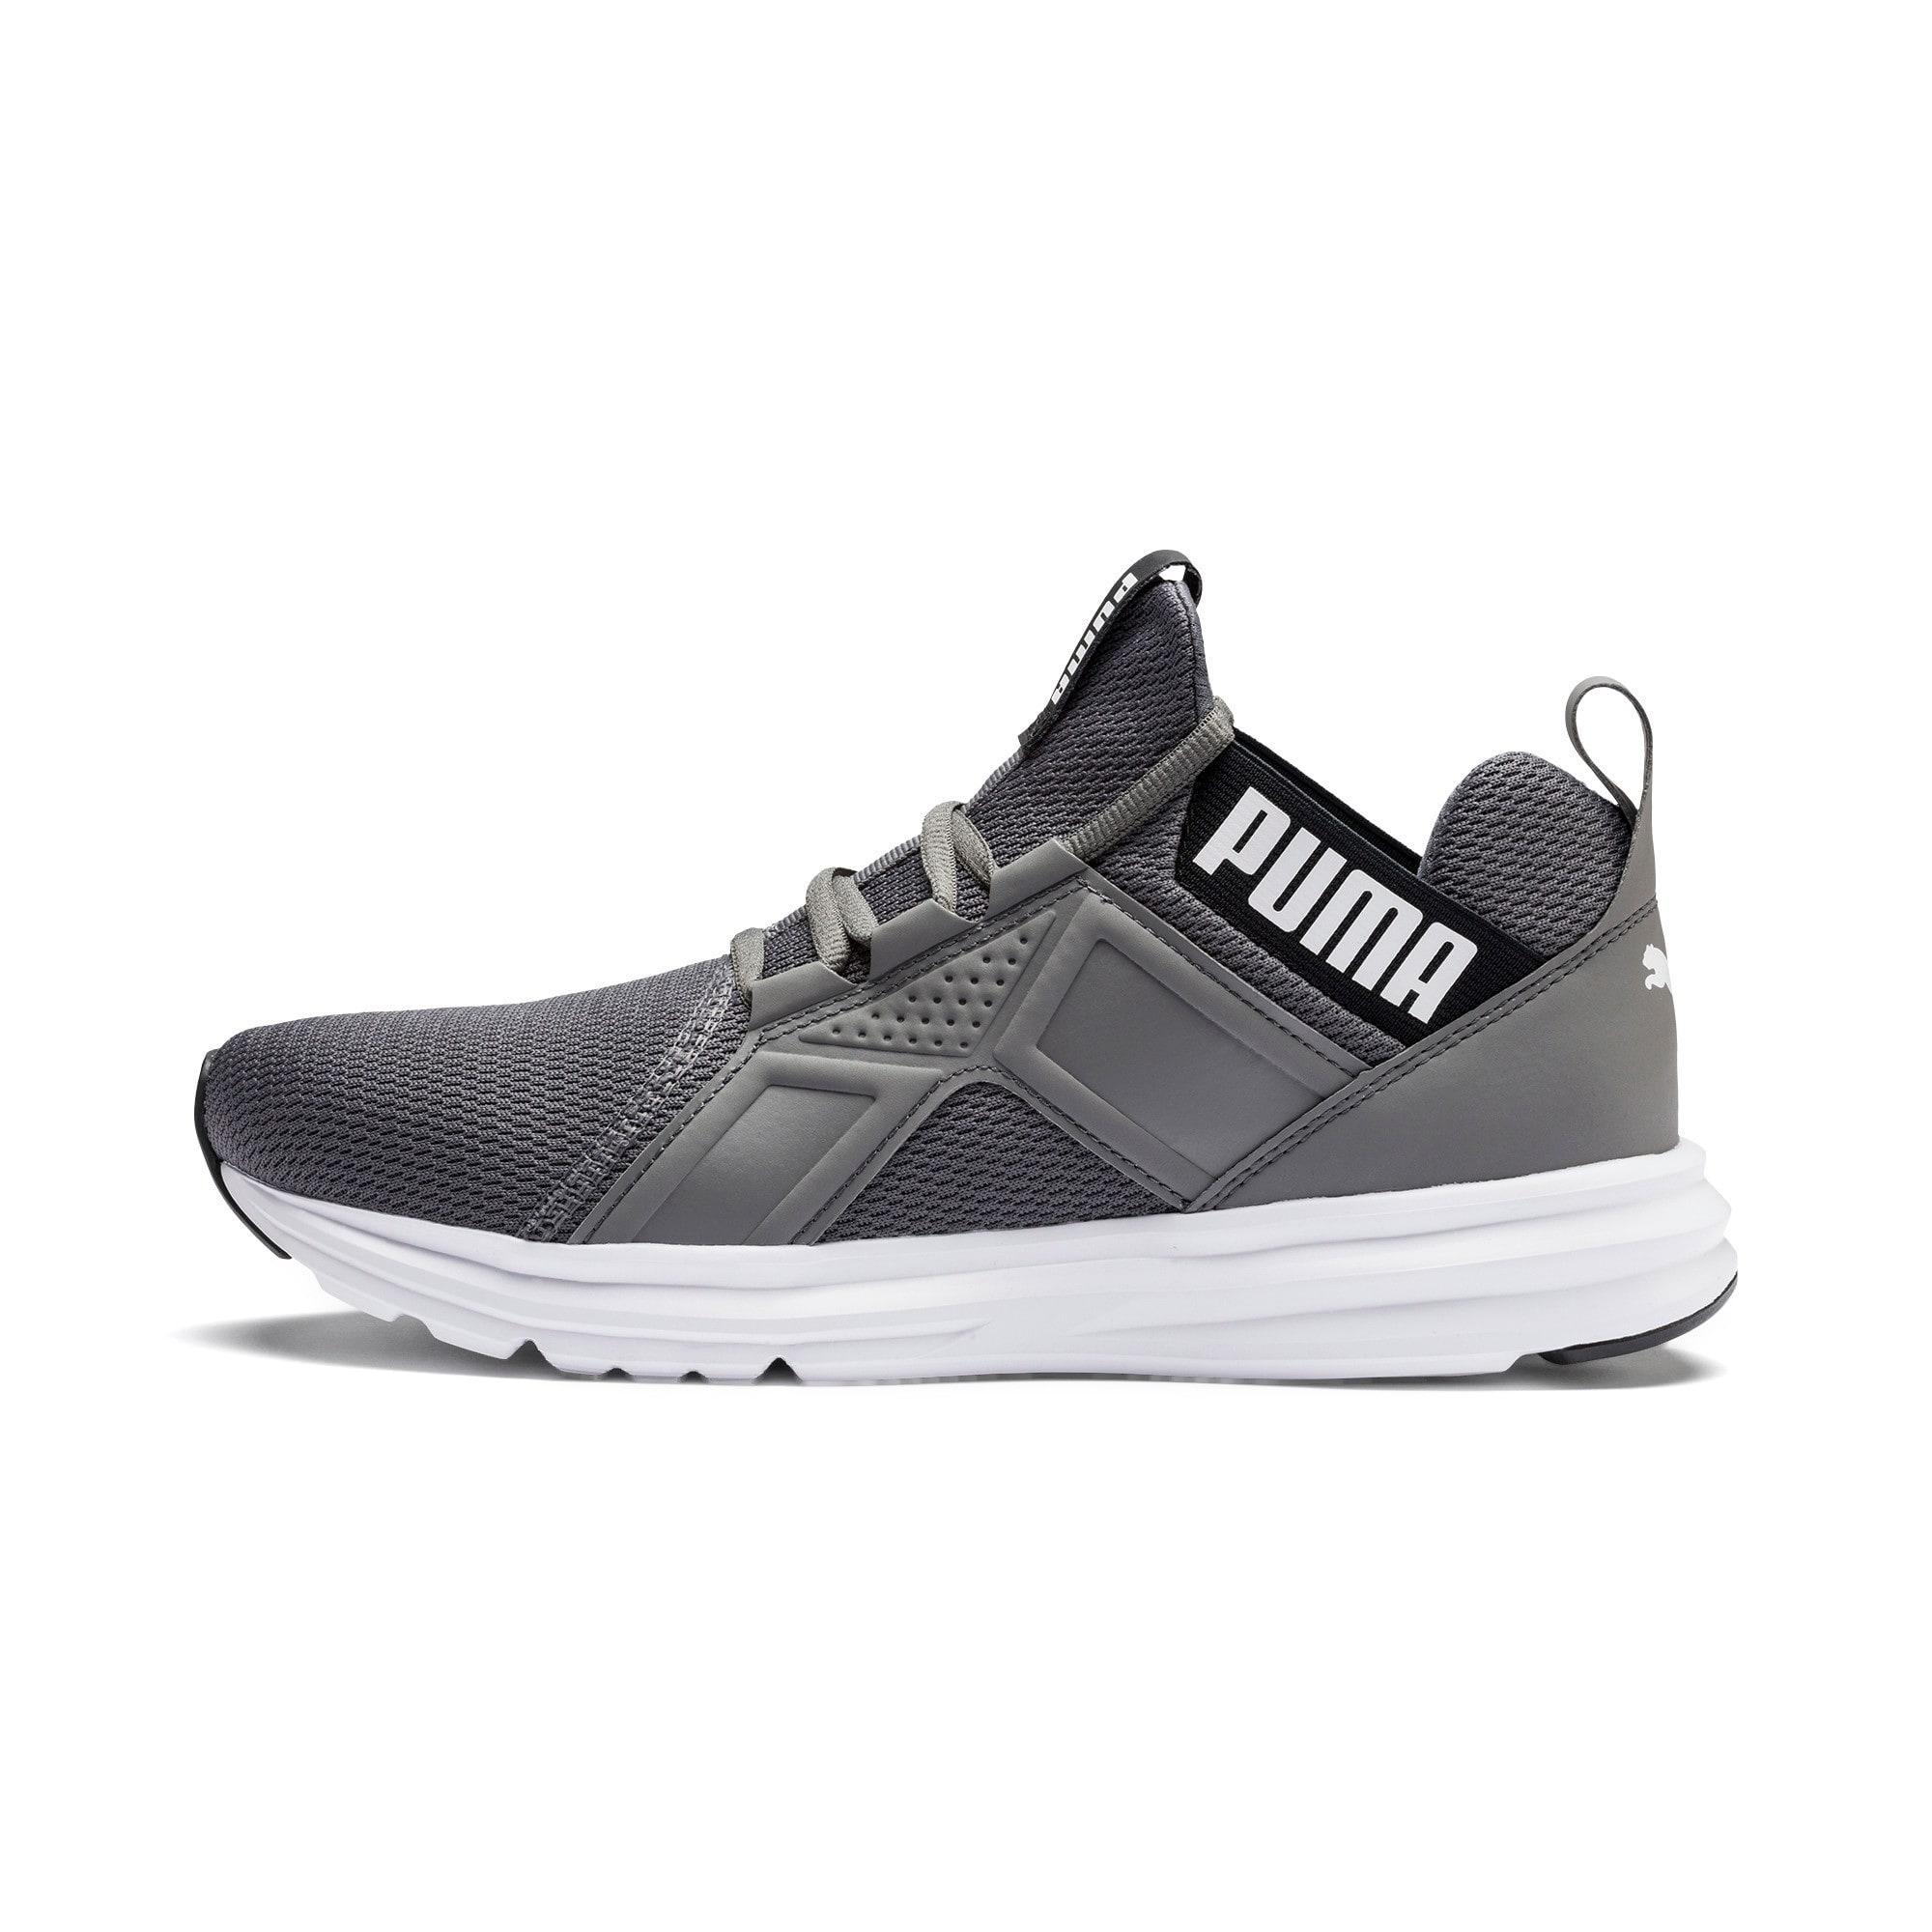 Miniatura 1 de Zapatos de entrenamiento Enzo Sport para hombre, CASTLEROCK-Puma Blk-Puma Wht, mediano